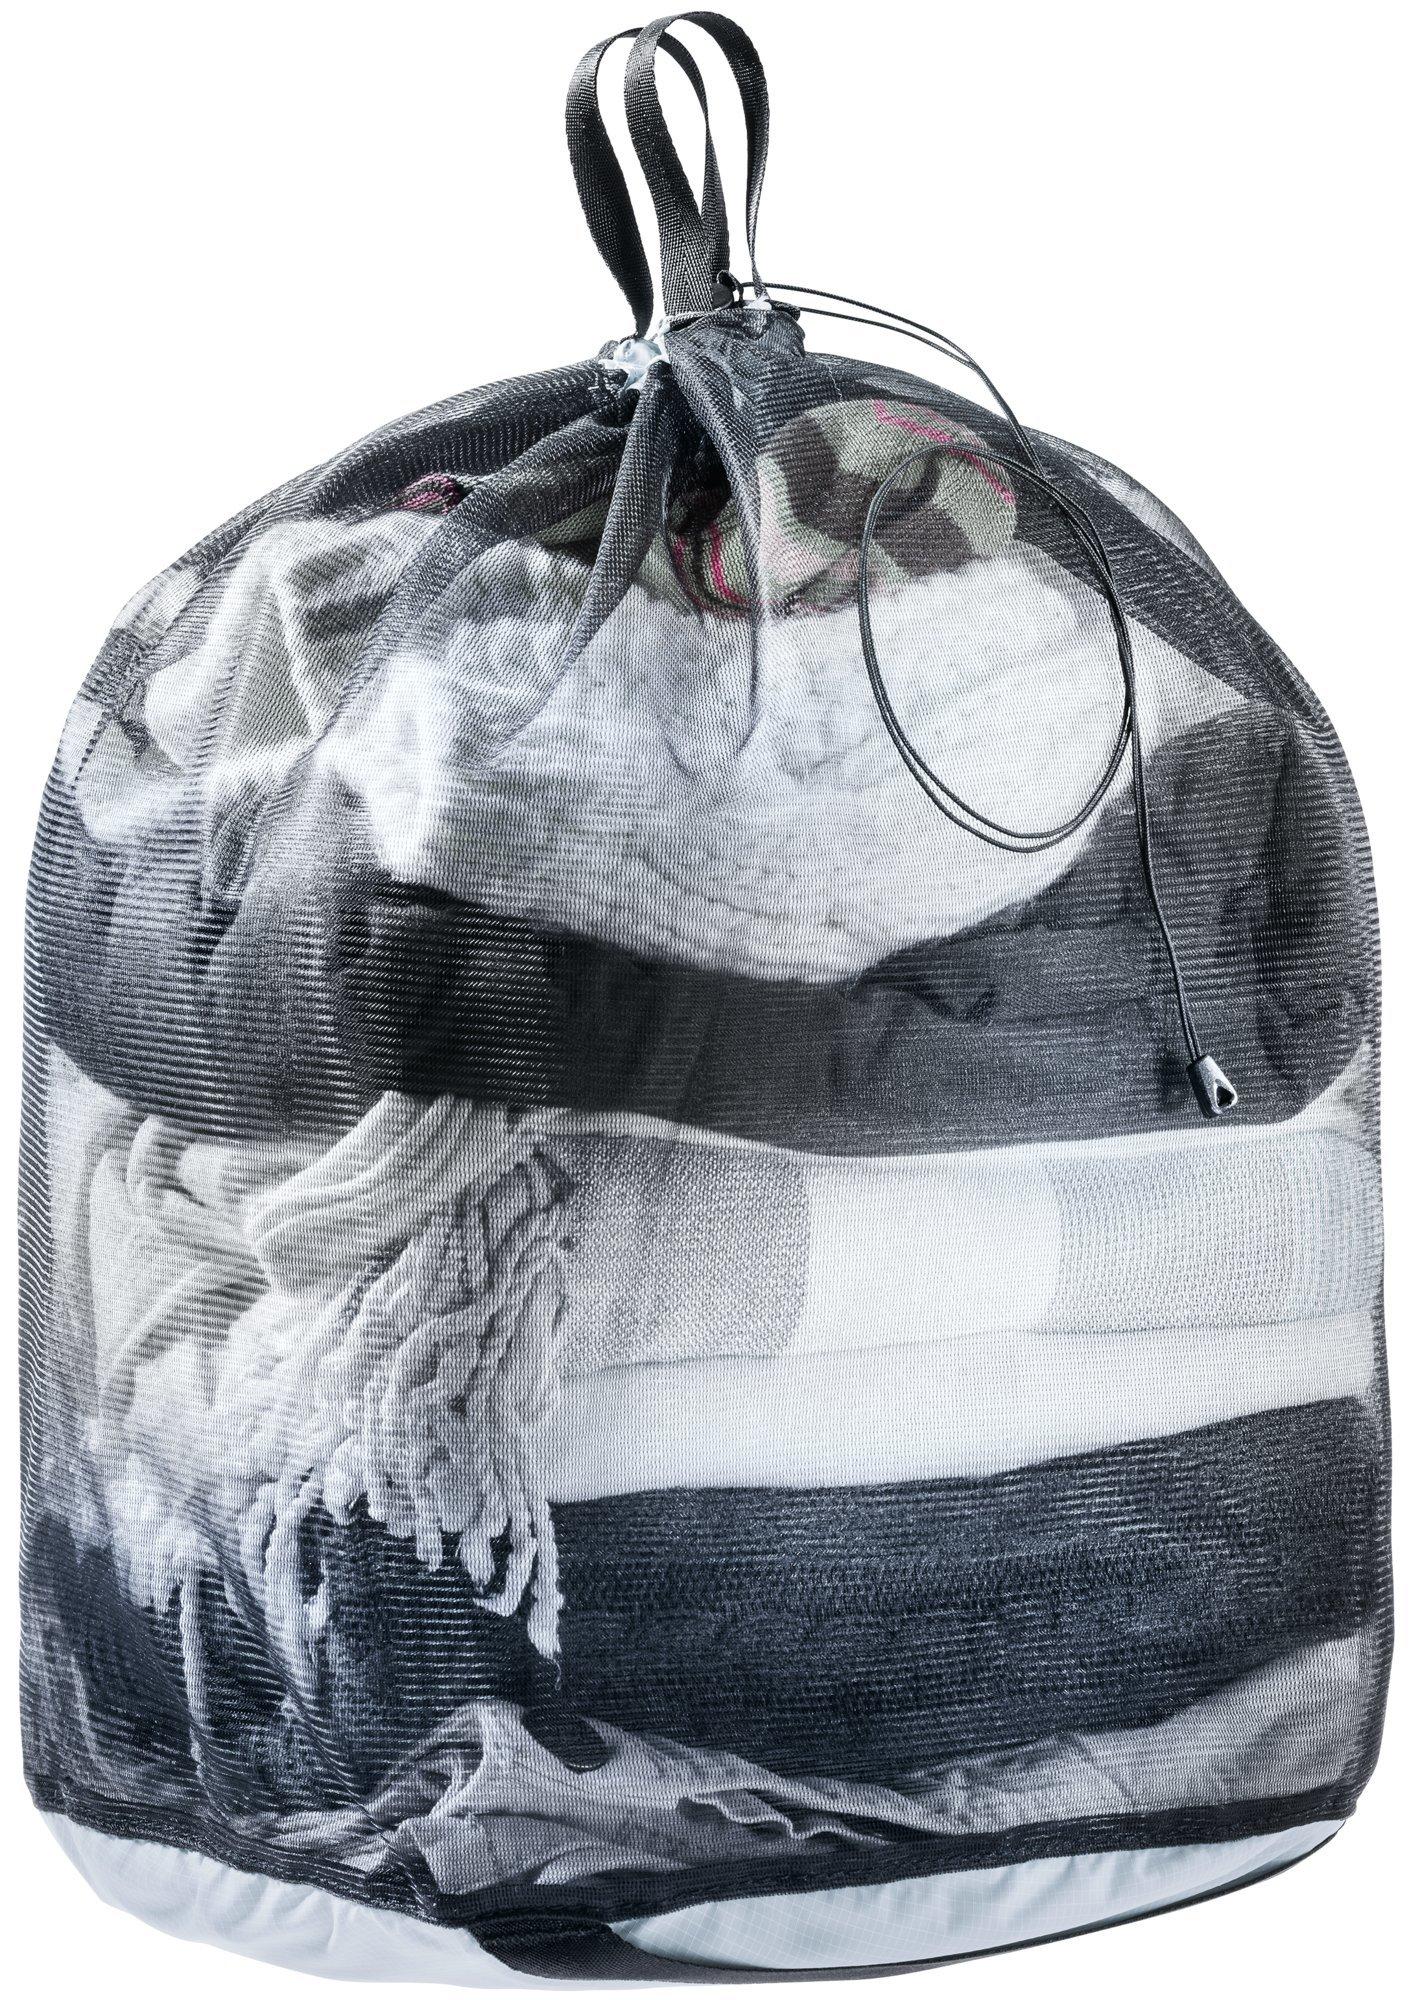 Новинки Упаковочный мешок Deuter Mesh Sack 18 (2021) 3940921-4702-MeshSack18-w20-d0.jpg